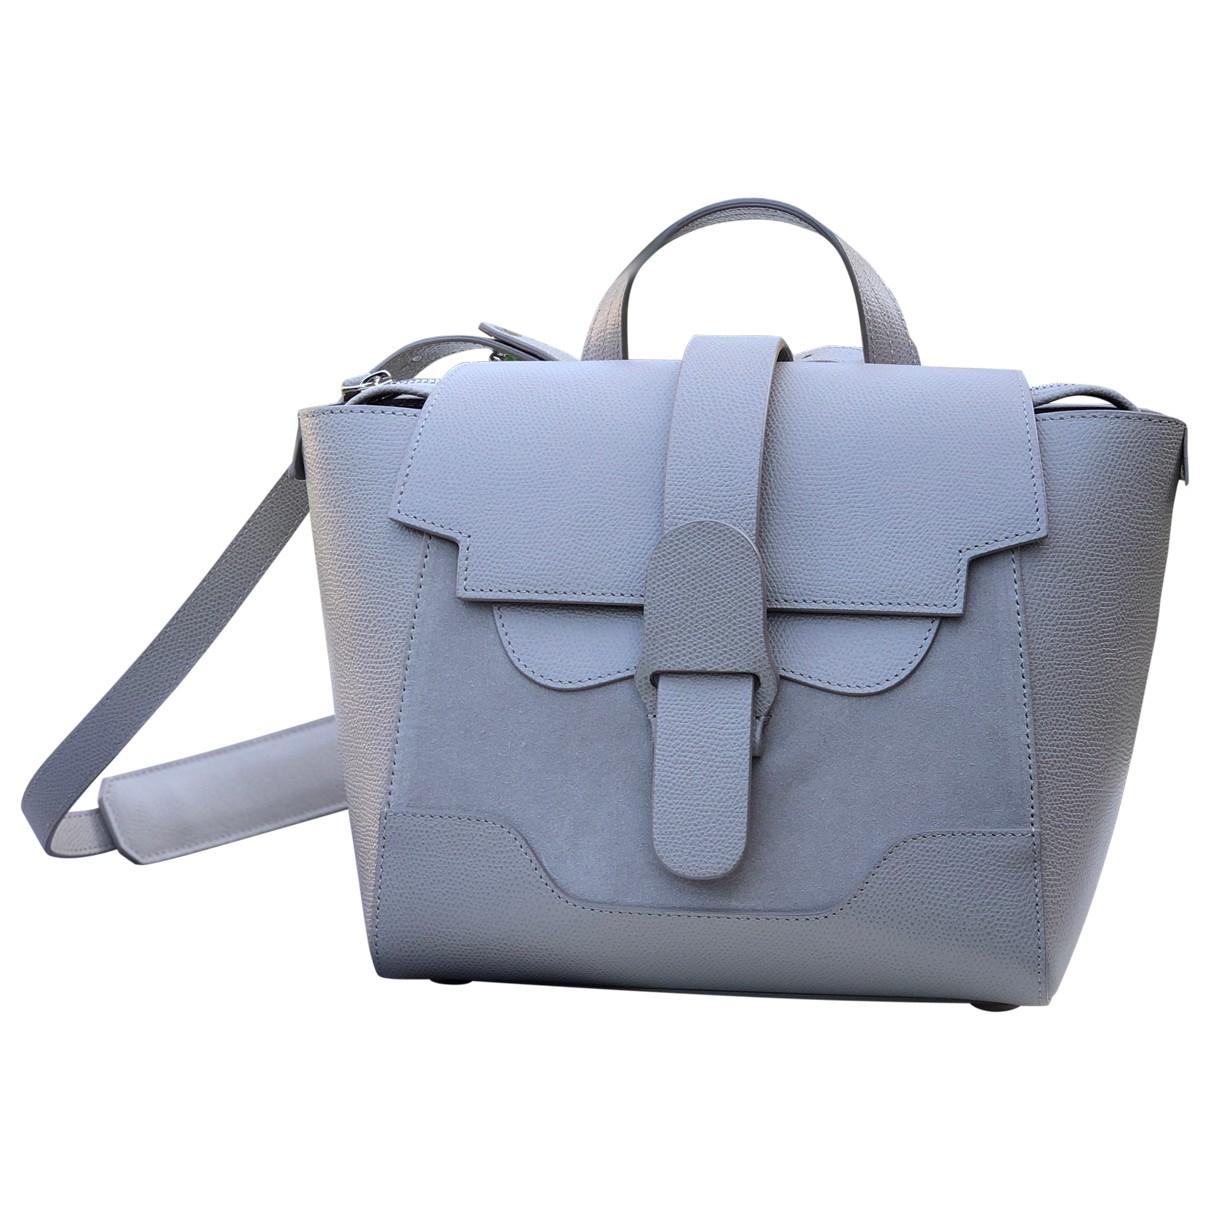 Senreve N Beige Leather handbag for Women N